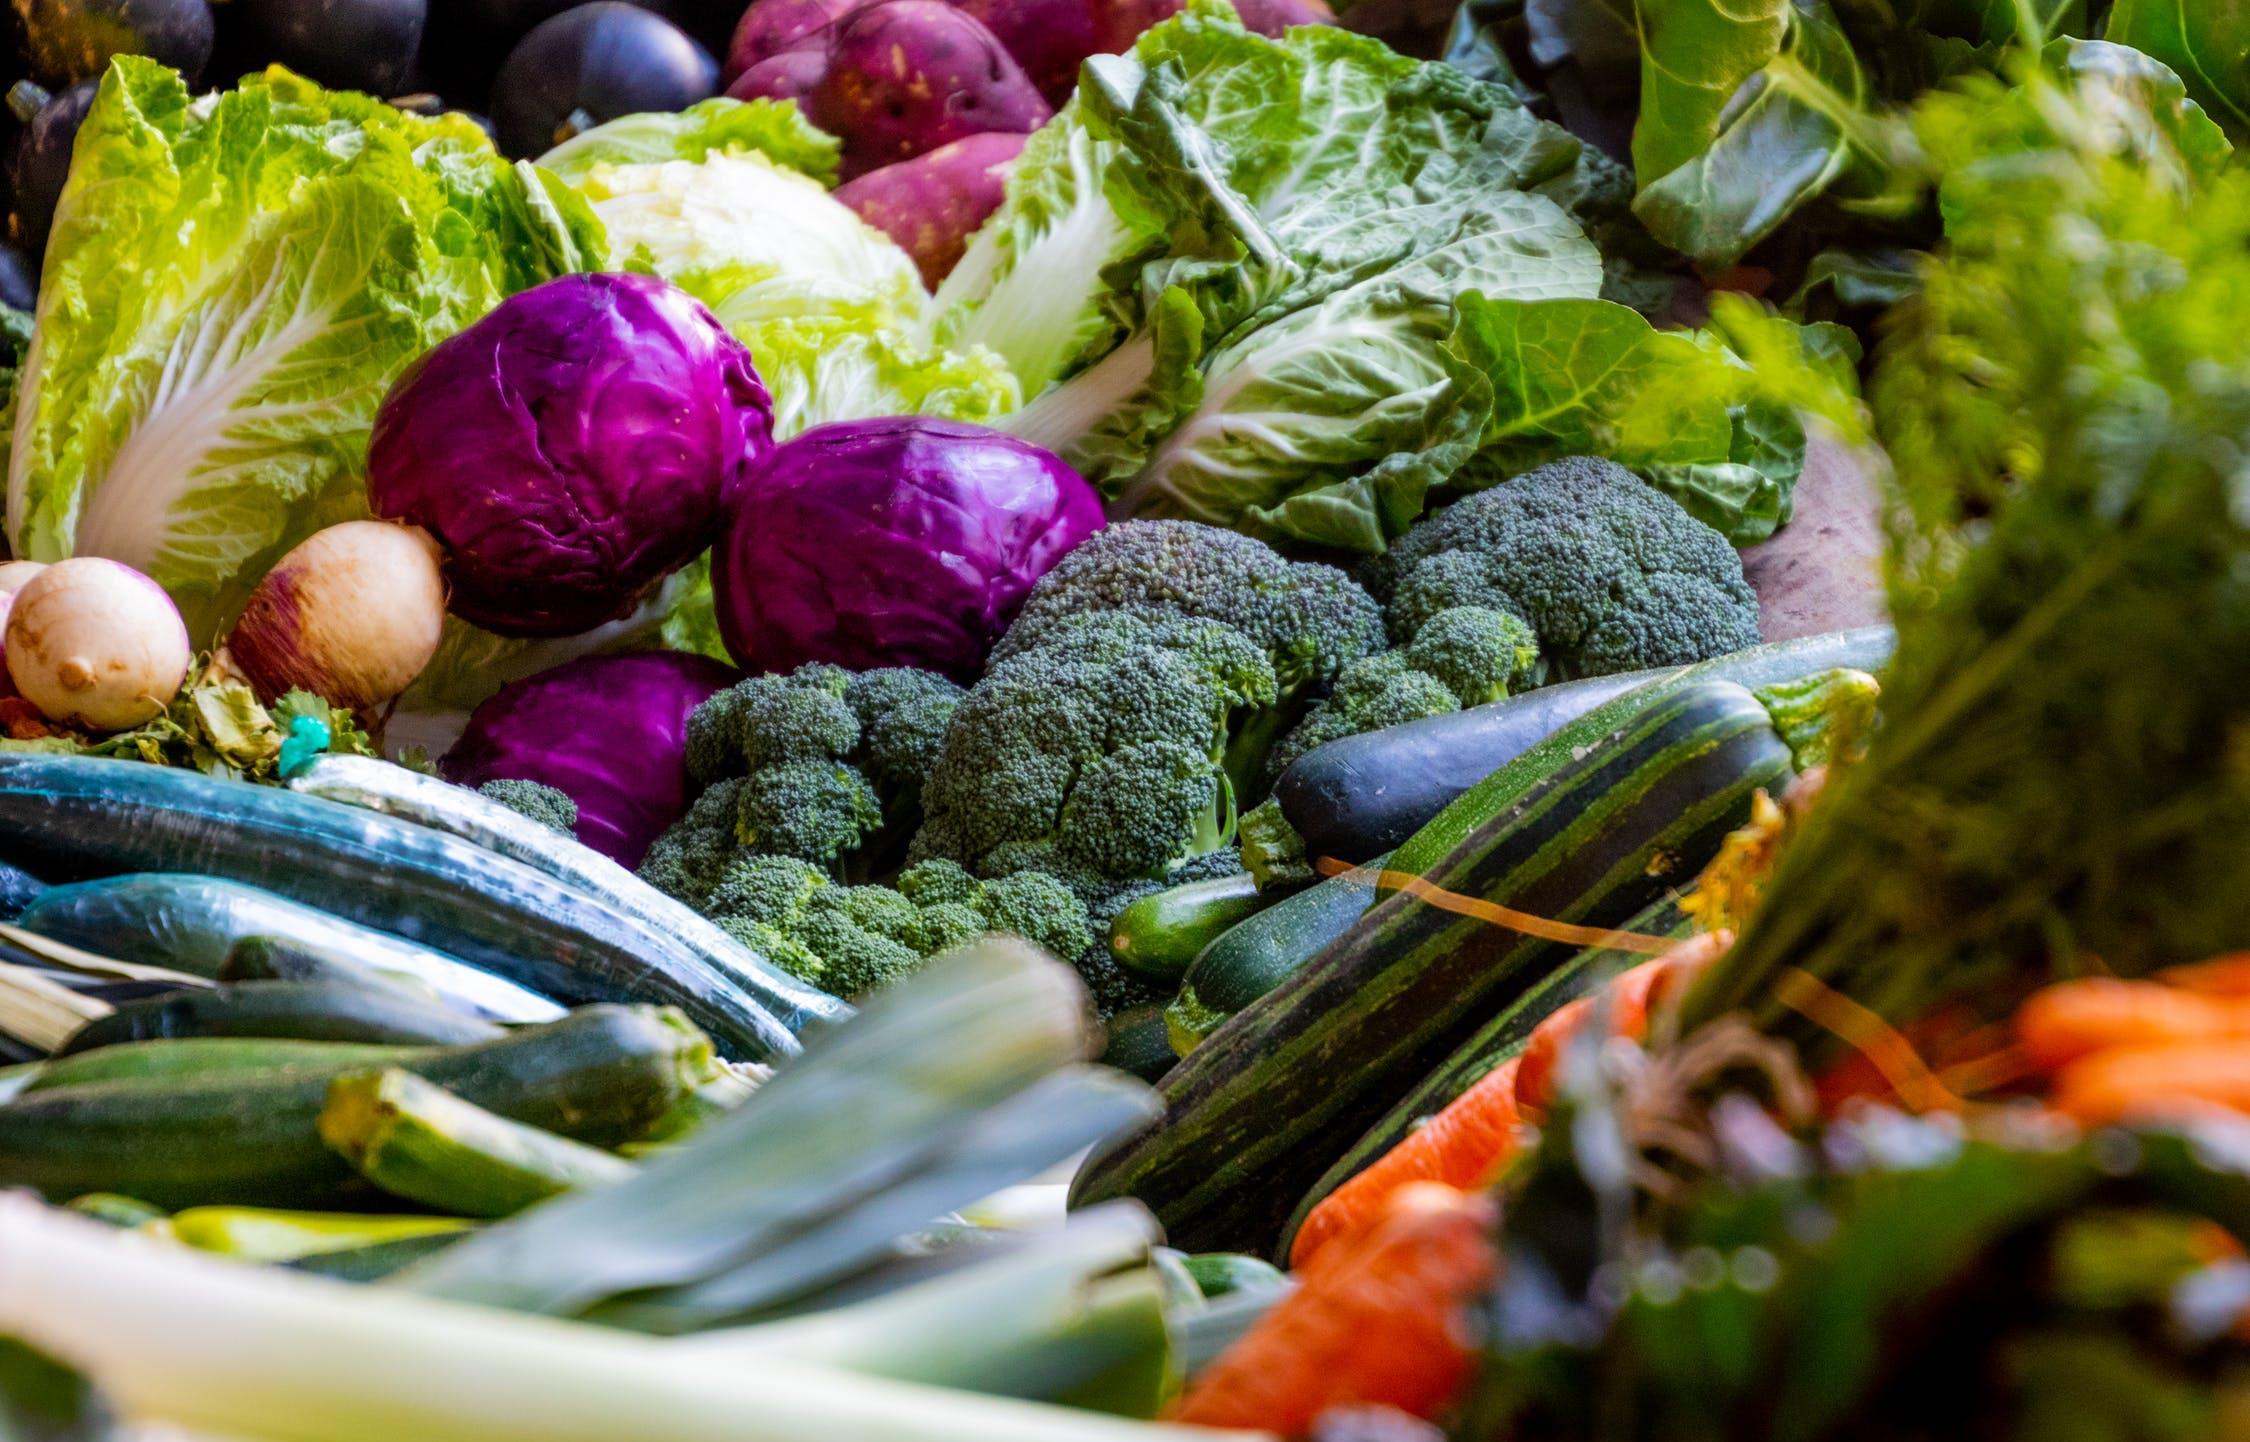 В Госдуму внесли законопроект «О сельскохозяйственной продукции, сырье и продовольствии с улучшенными характеристиками» - новости Афанасий